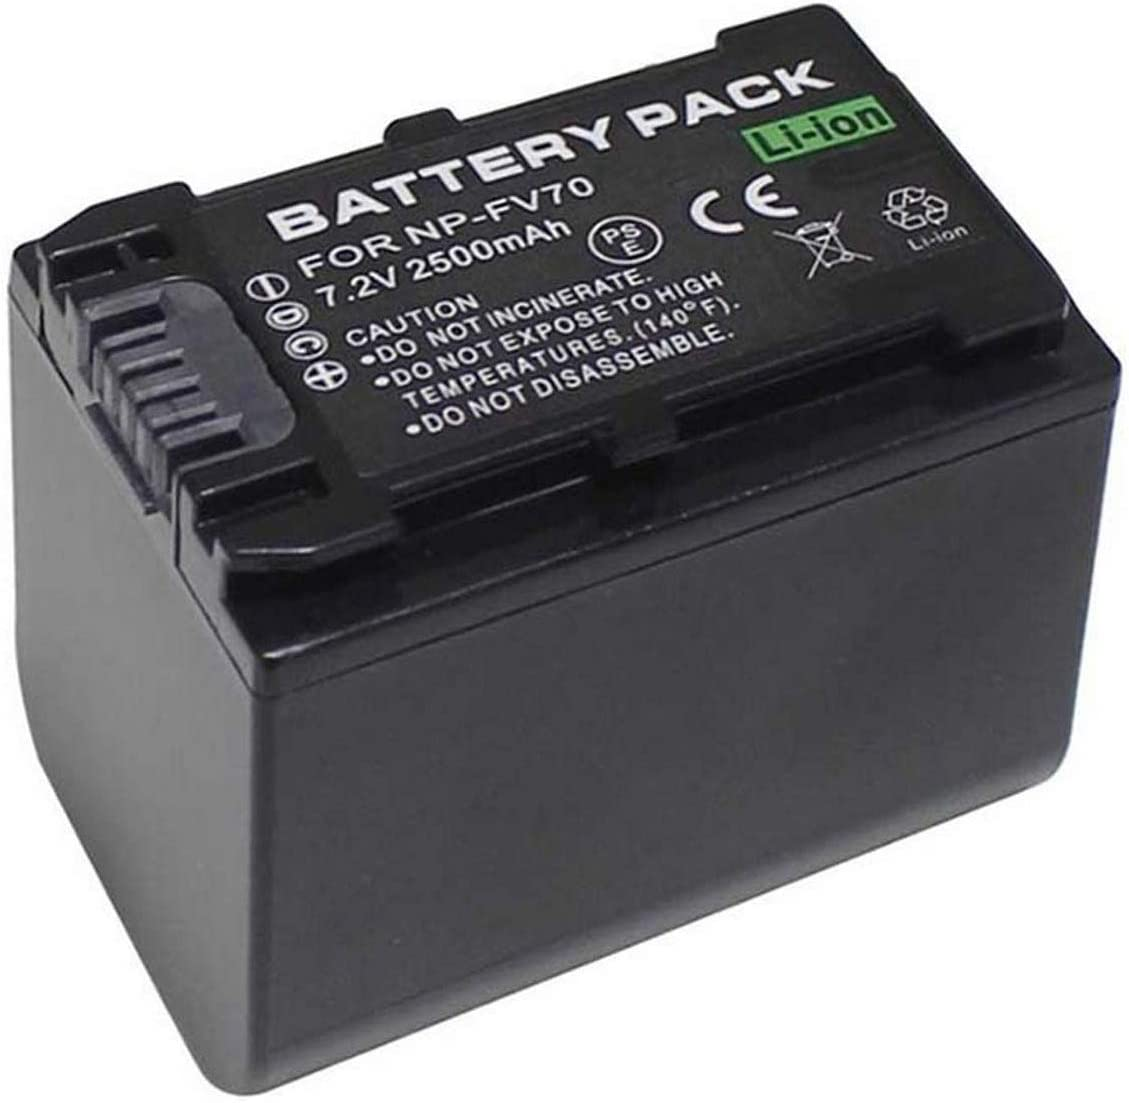 HDR-PJ390E Handycam Camcorder HDR-PJ380E Battery Pack for Sony HDR-PJ350E